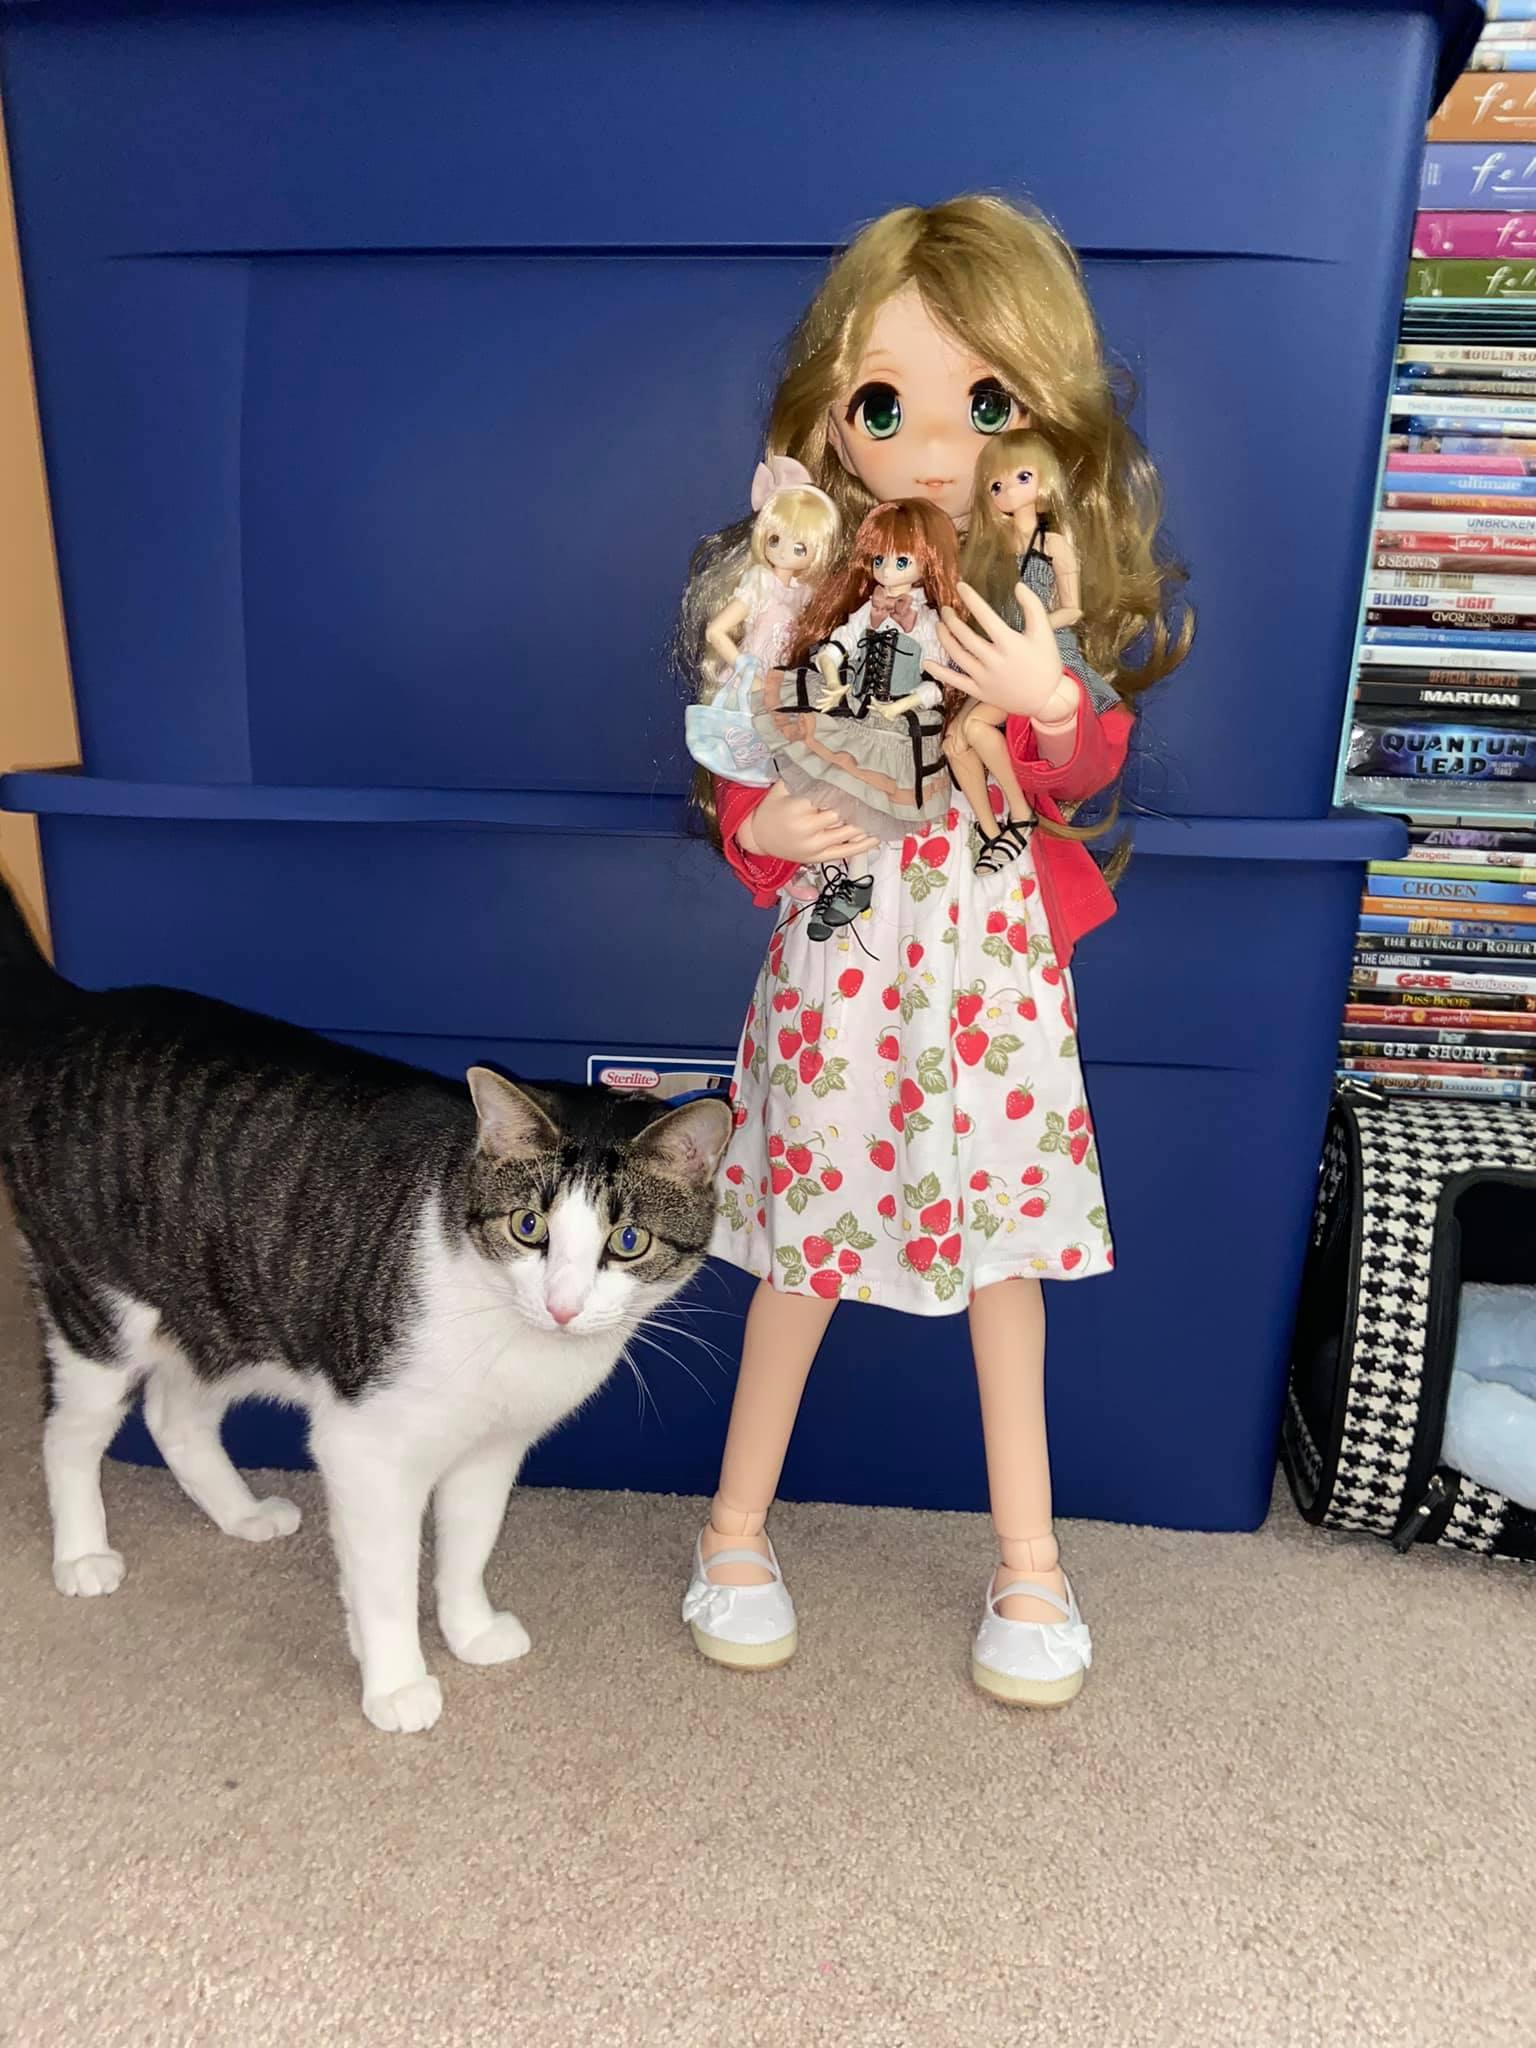 Parabox Otohime 80cm Vinyl ABJD Anime Doll Unboxing Review